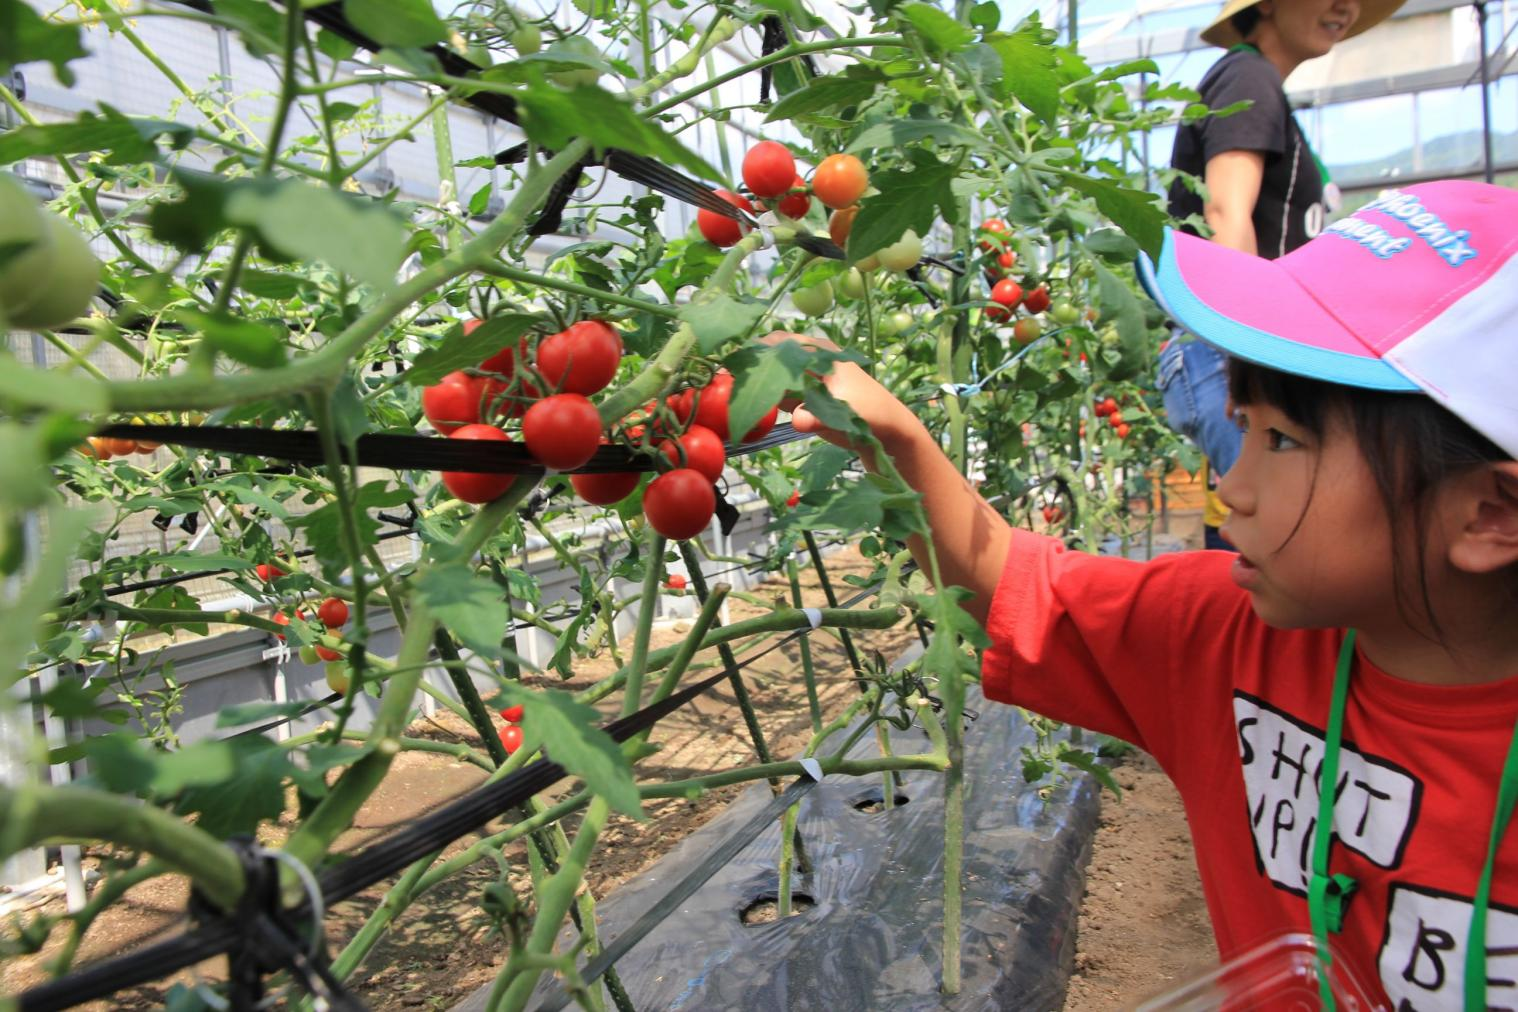 気軽に「農業体験」するならグリーンファームがおすすめ!-2